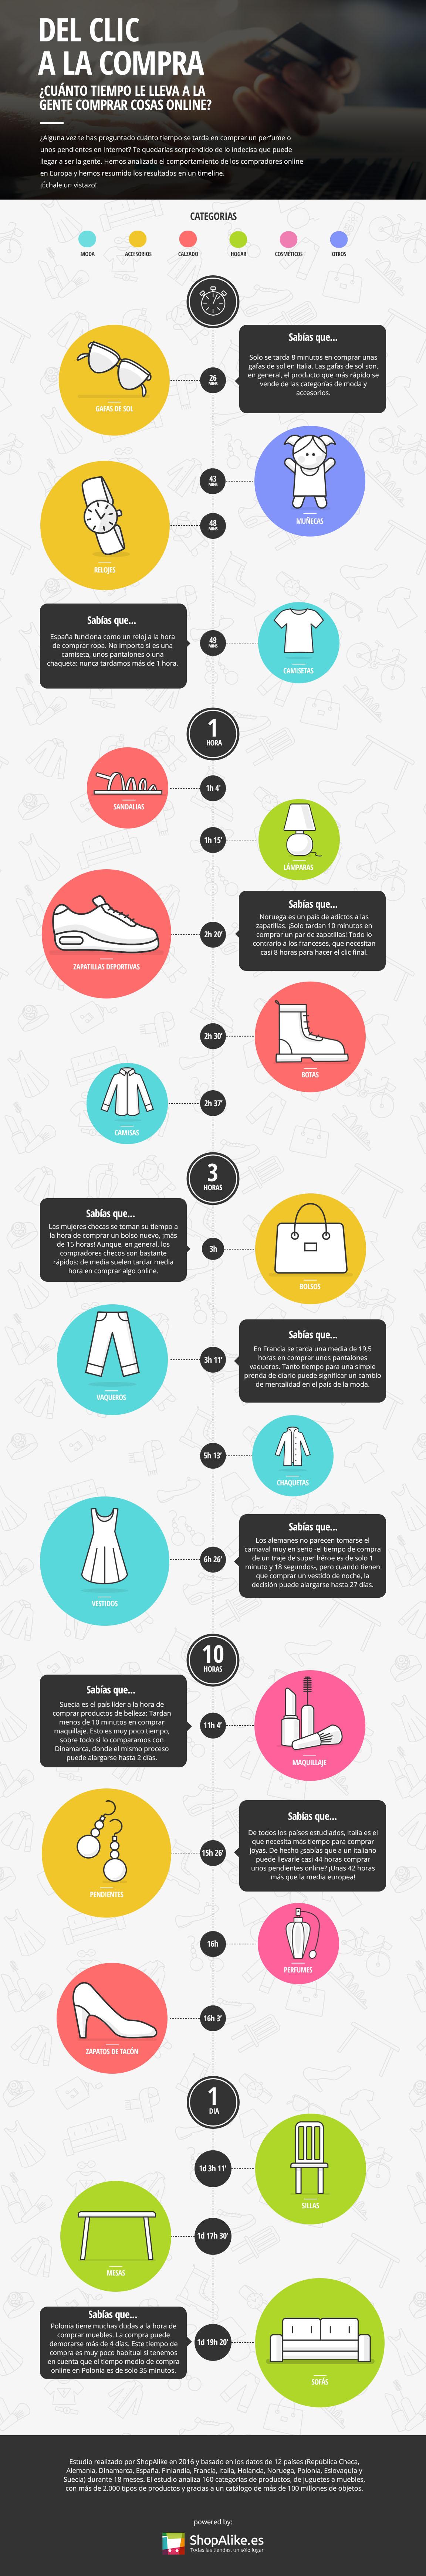 Infografia-tiempo de compra online